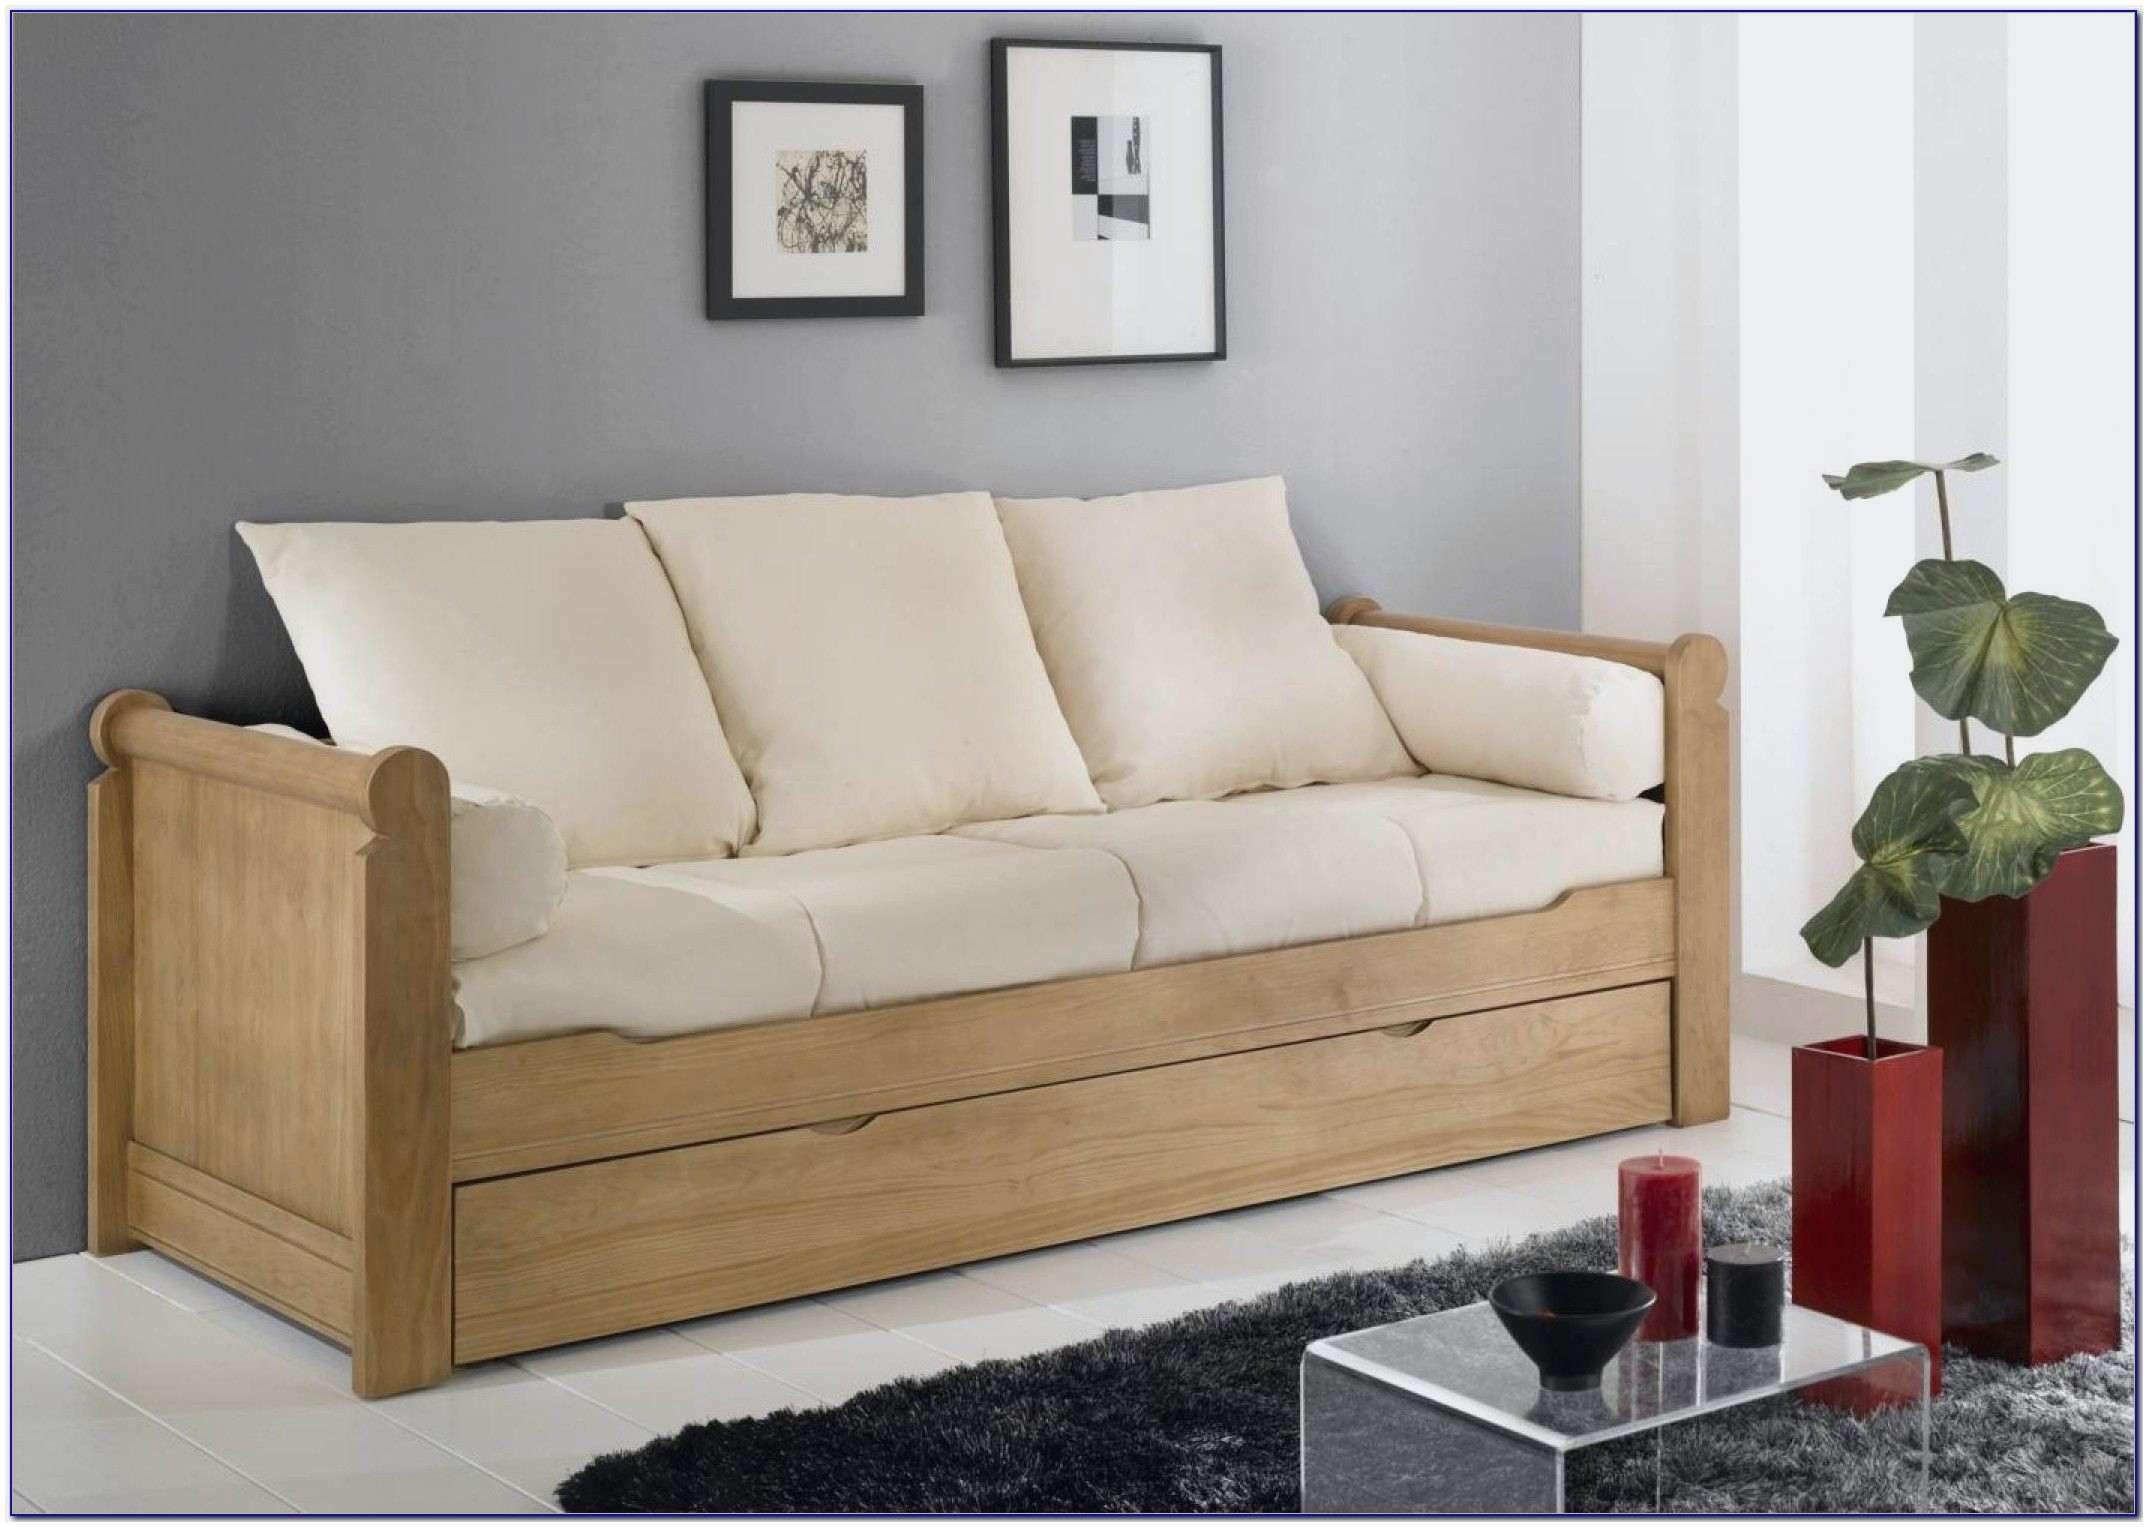 Frais Luxury Canapé Lit Matelas Pour Meilleur Ikea Canapé 2 Places